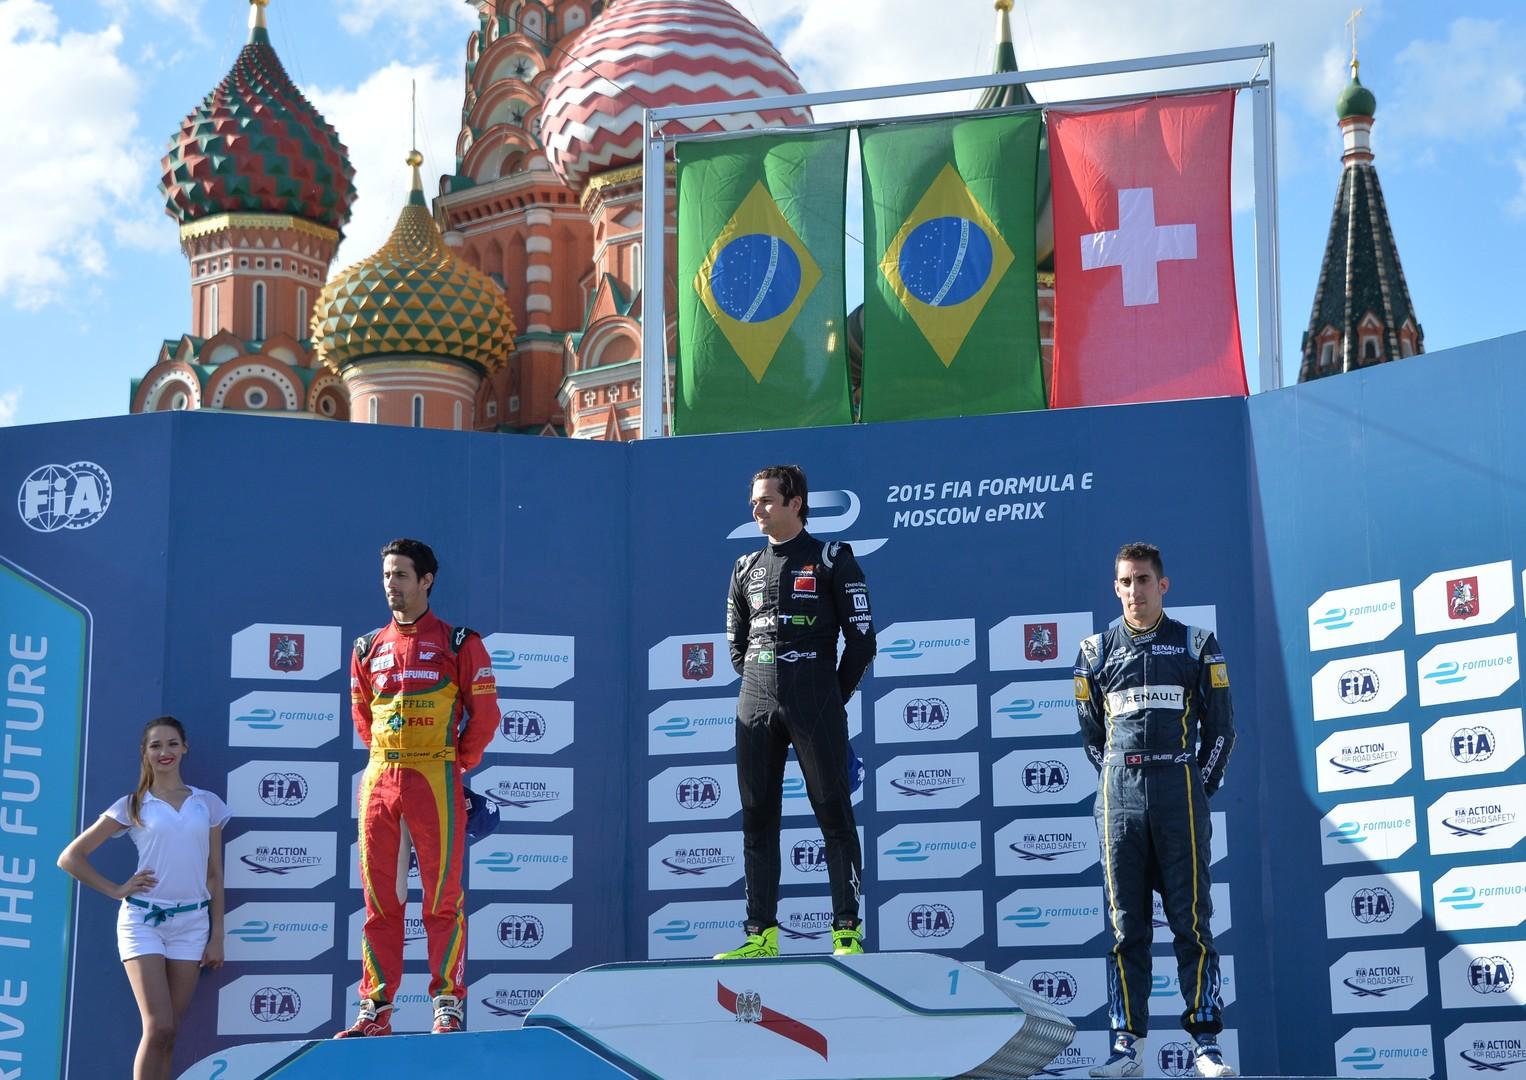 Les gagnants du Grand Prix de Moscou de Formule E